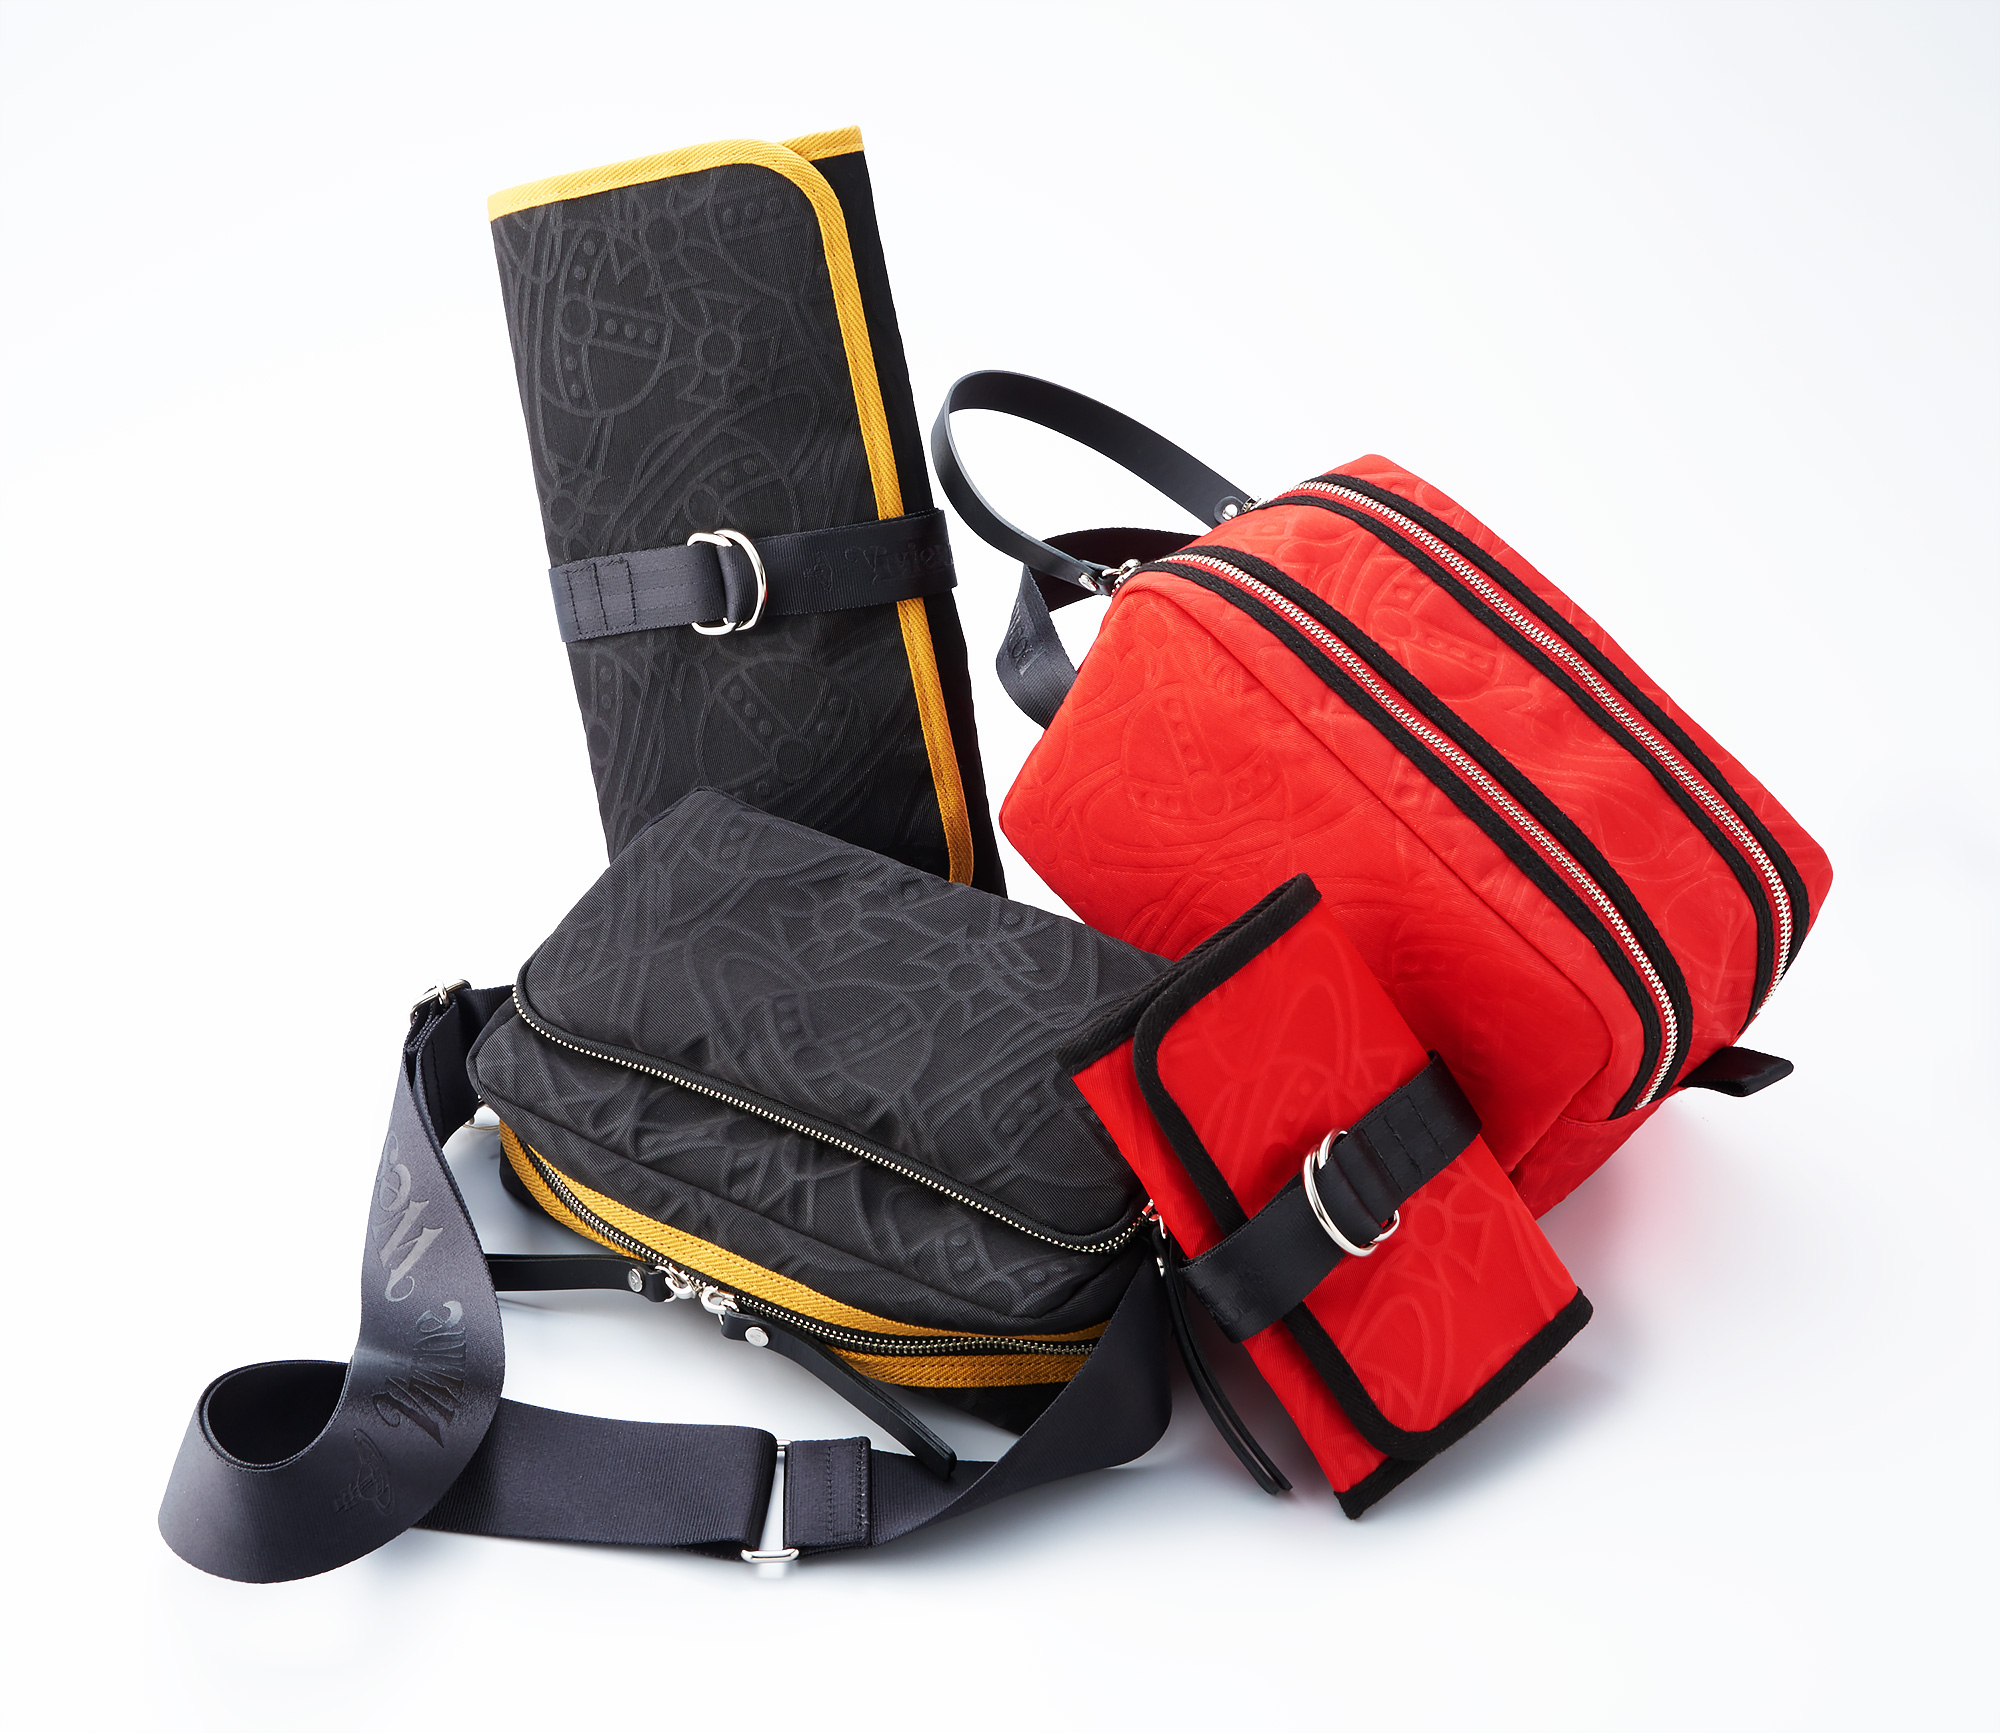 【新商品】メンズ バッグ ラインORBエンボスシリーズのご紹介